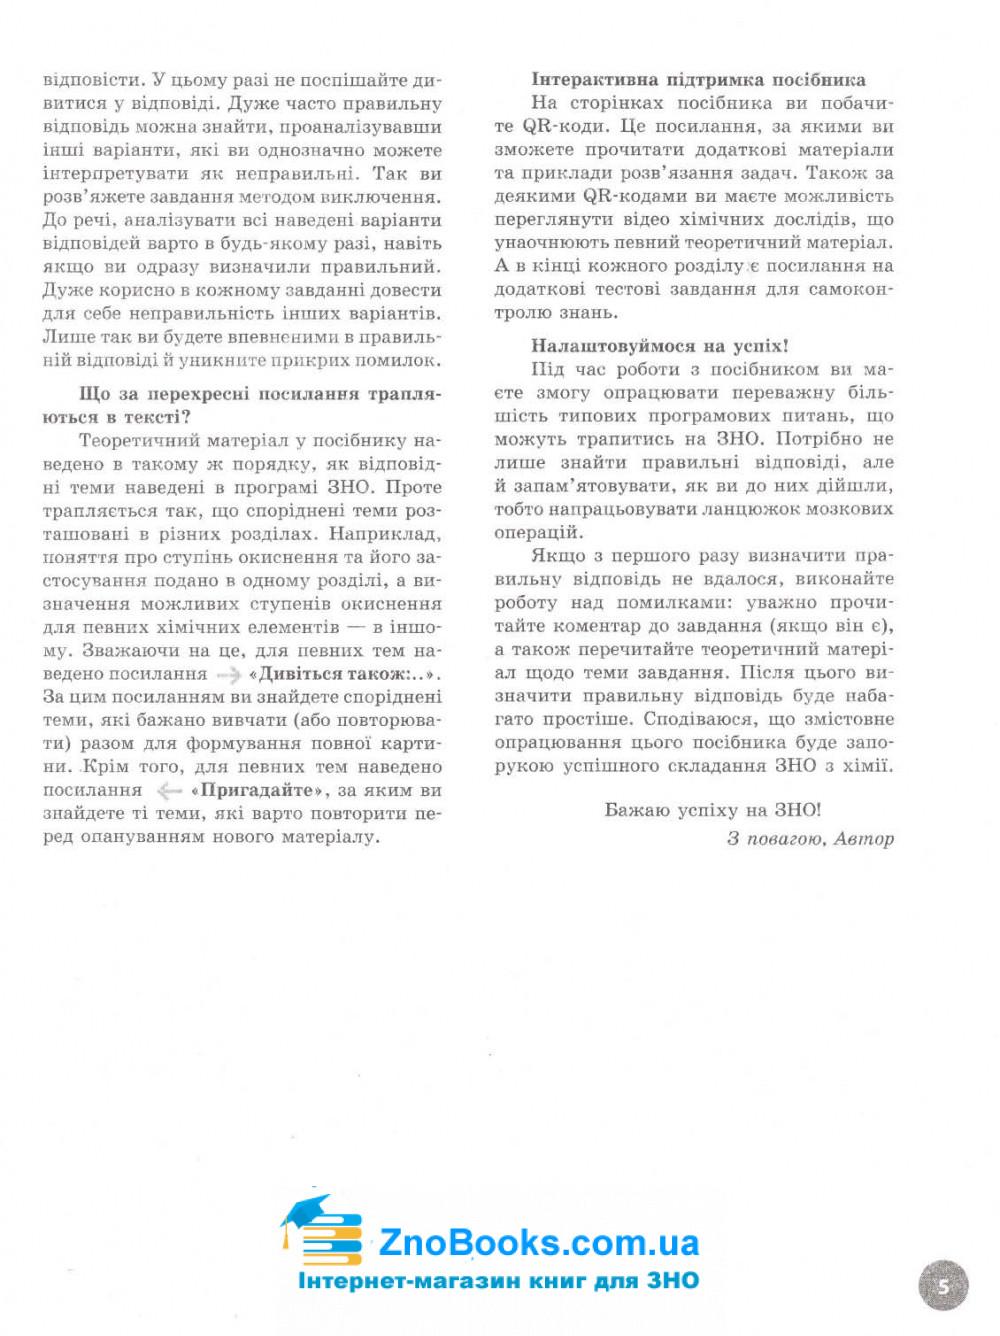 ХІМІЯ ЗНО 2022. ІНТЕРАКТИВНИЙДОВІДНИК-ПРАКТИКУМ : ГРИГОРОВИЧ. РАНОК КУПИТИ 5